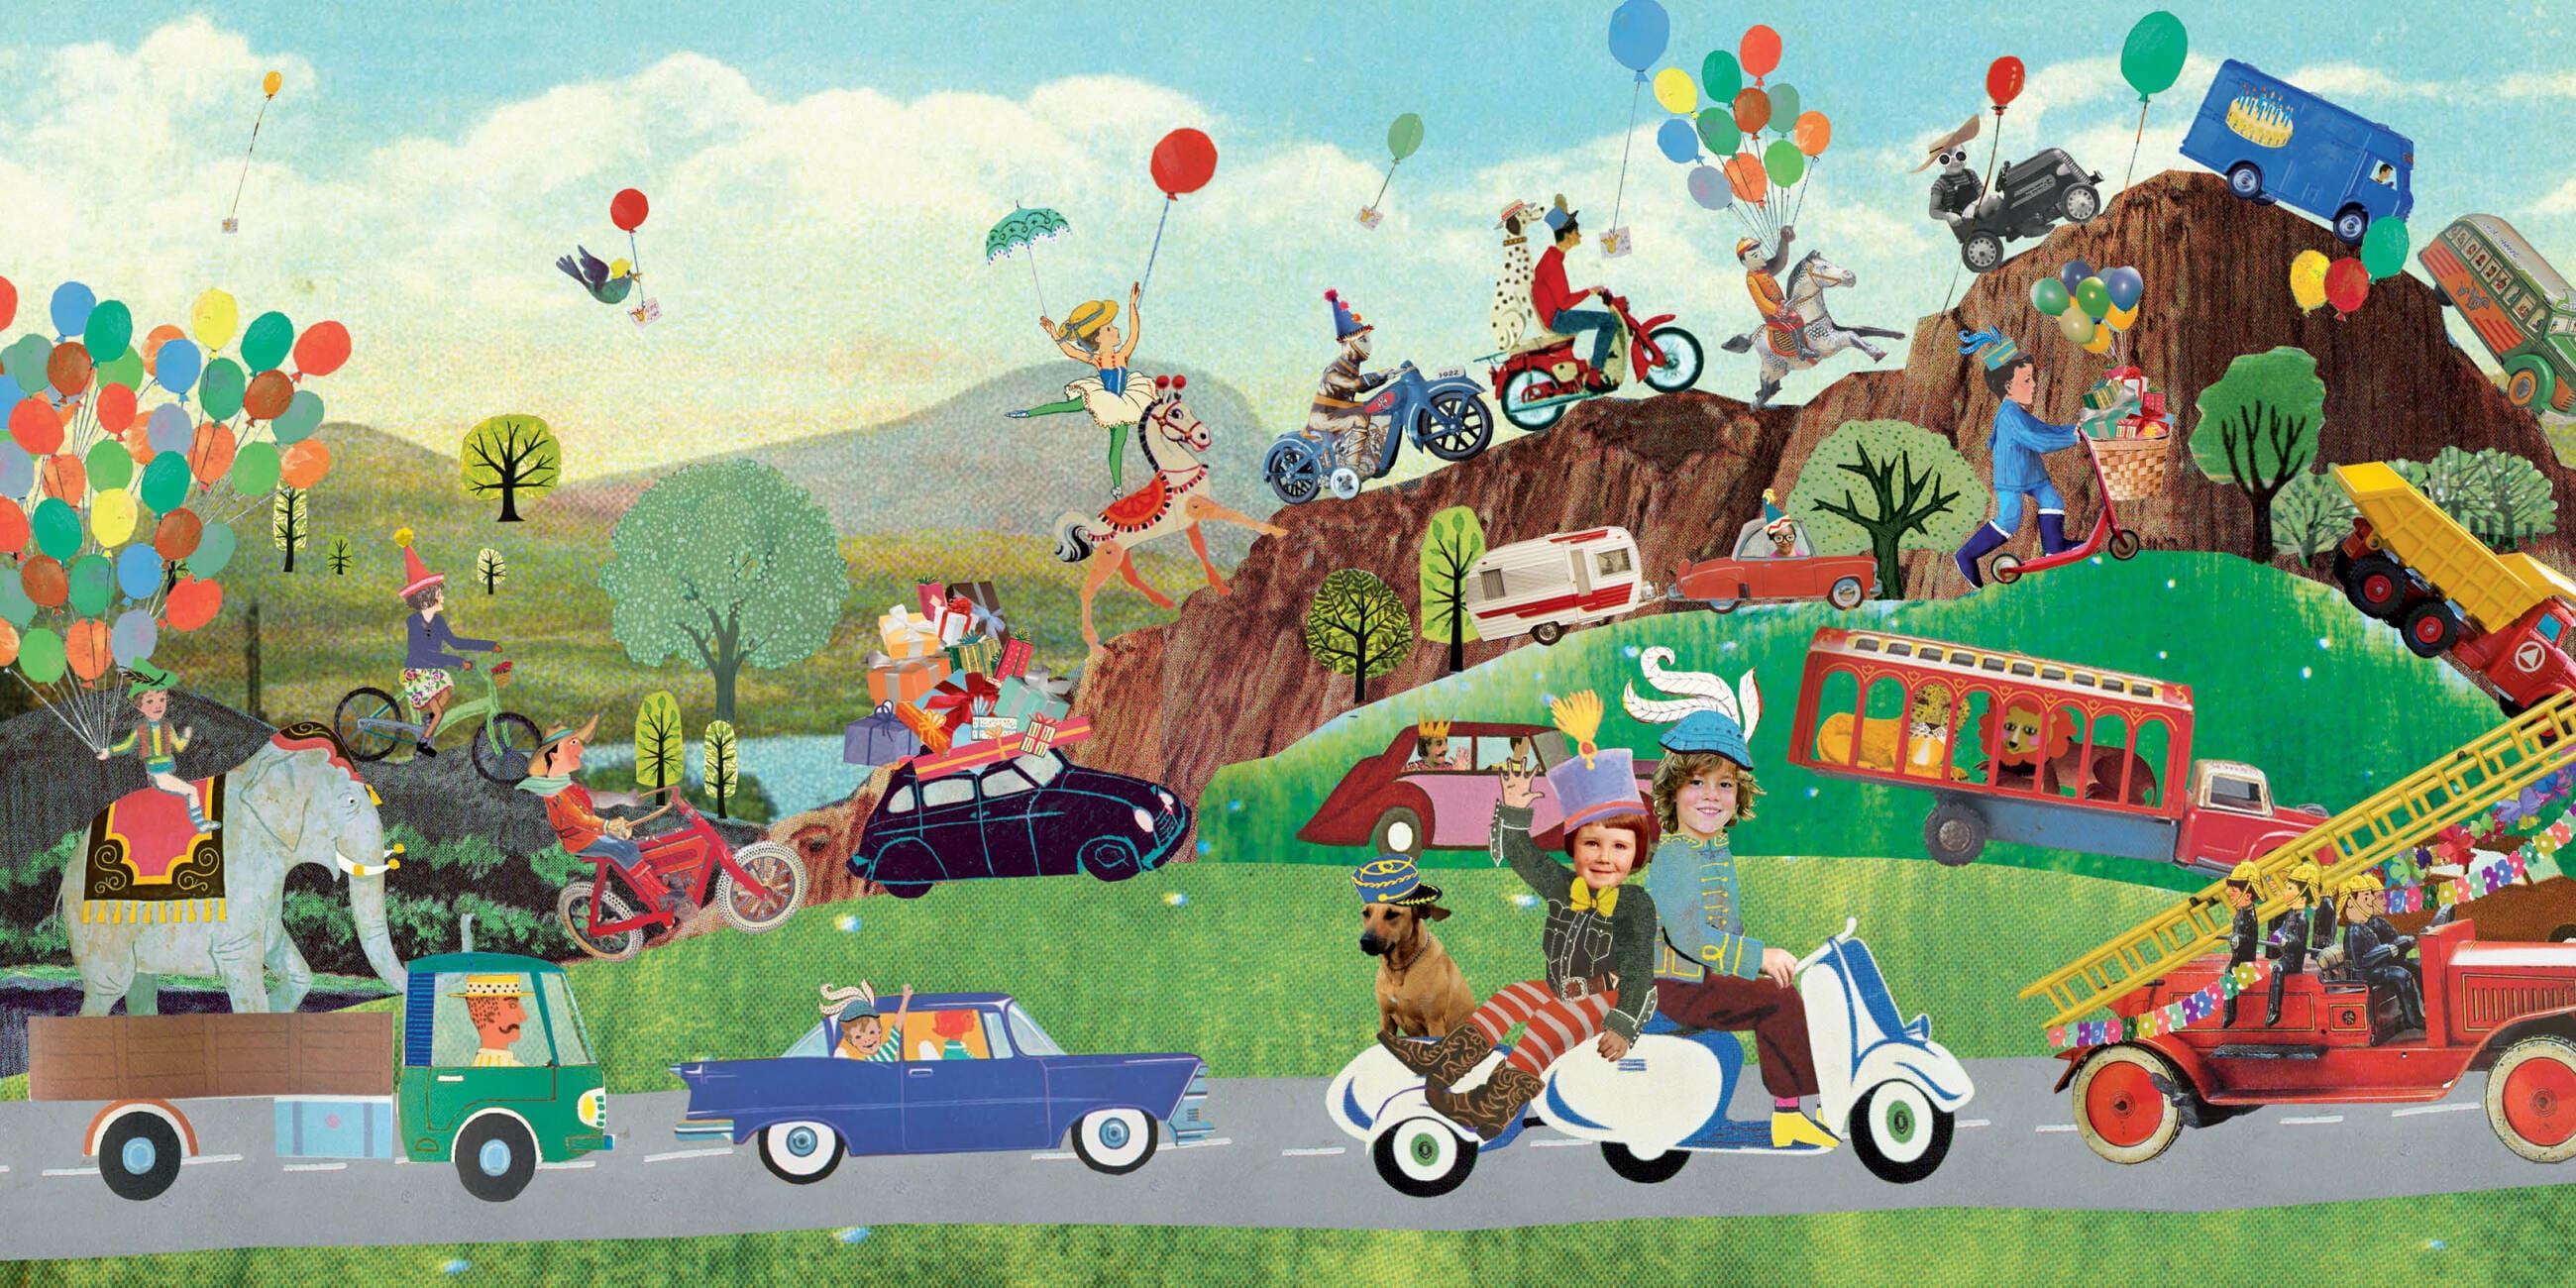 geboorte broer zus auto brandweer feest ballonnen landschap herfst geboortekaartje avontuur reis samen vintage nostalgie illustratie gezellig stoer lief Origineel uniek feest vintage retro poesie nostalgie gezellig vrolijk kleurrijk stoer schattig nostalgisch kraamcadeau verjaardagscadeau art kunst illustratie illustration gouden boekje kijkplaat zoekprent zoekplaat zoekboek kinderboek festival reizen gepersonaliseerd festival reizen safari flamingo grootzus groot zus fantasie aantrekkelijk poesie panda zomer zon